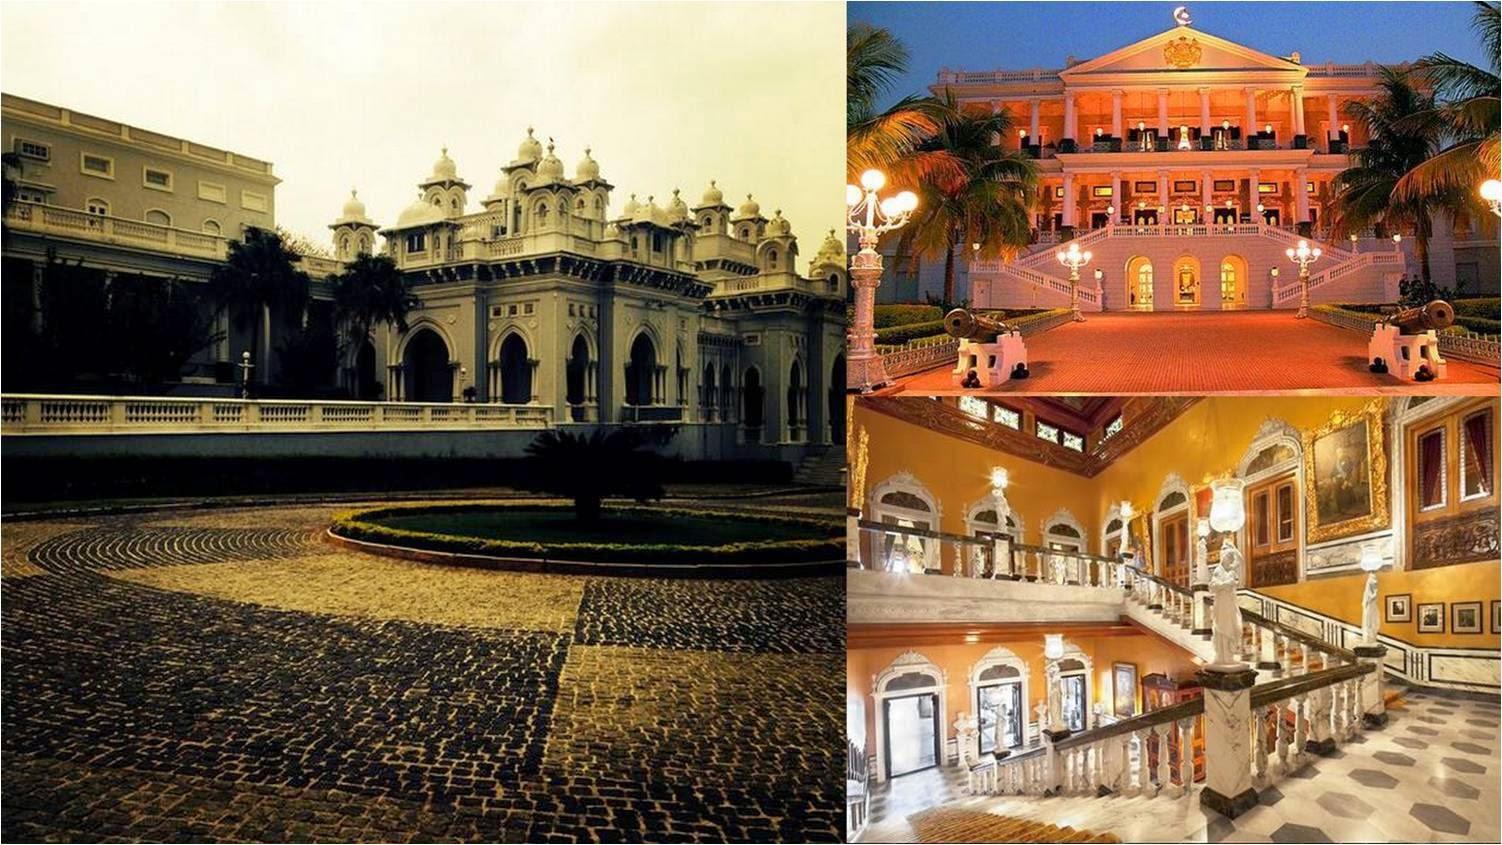 Taj Falaknuma Palace: Salman Khan's sister Arpita and Aayush's wedding destination